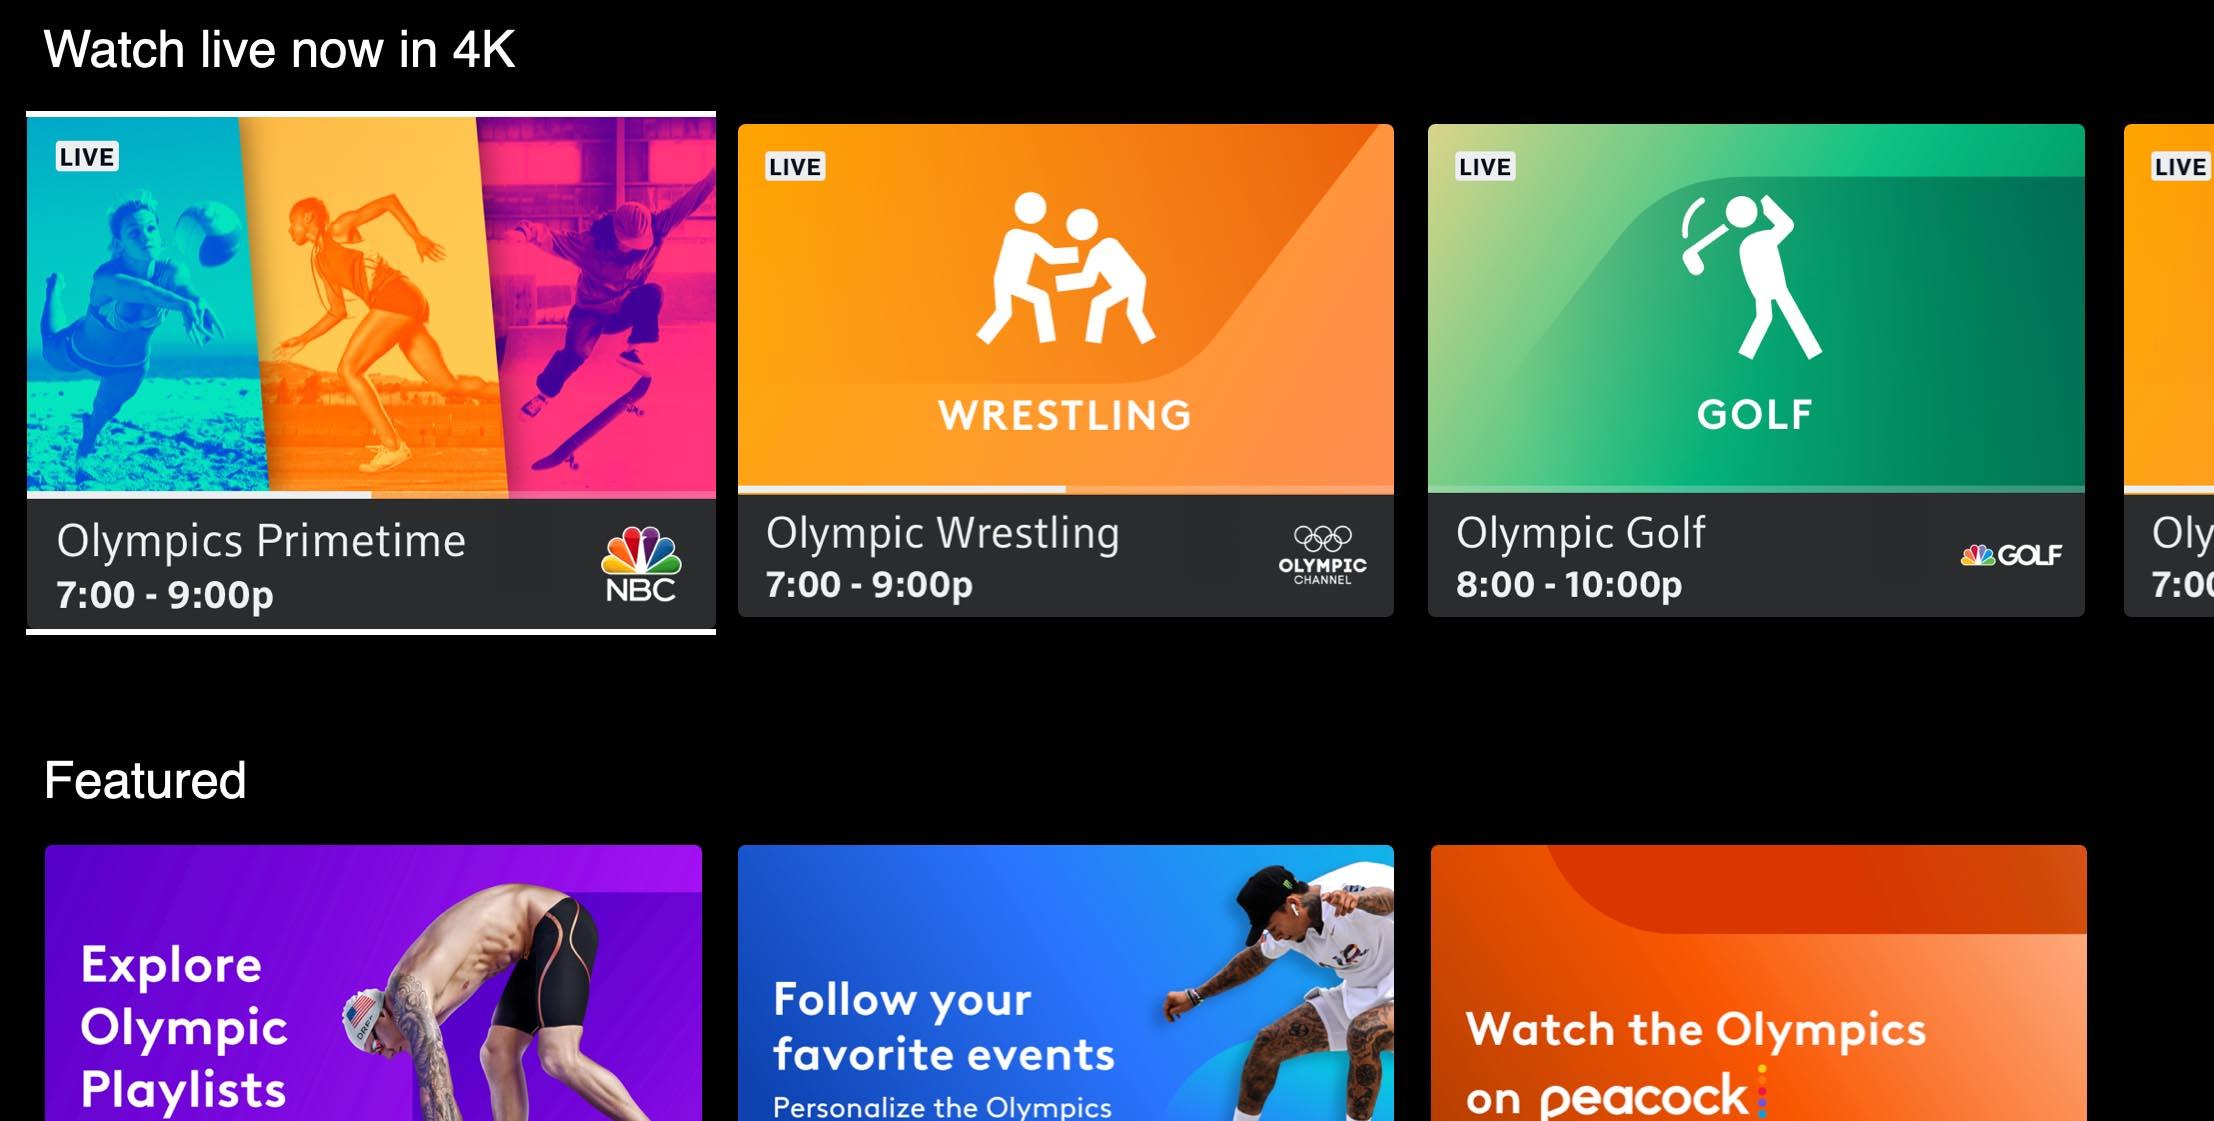 Cobertura en vivo de los Juegos Olímpicos de Tokio 2020 en 4K